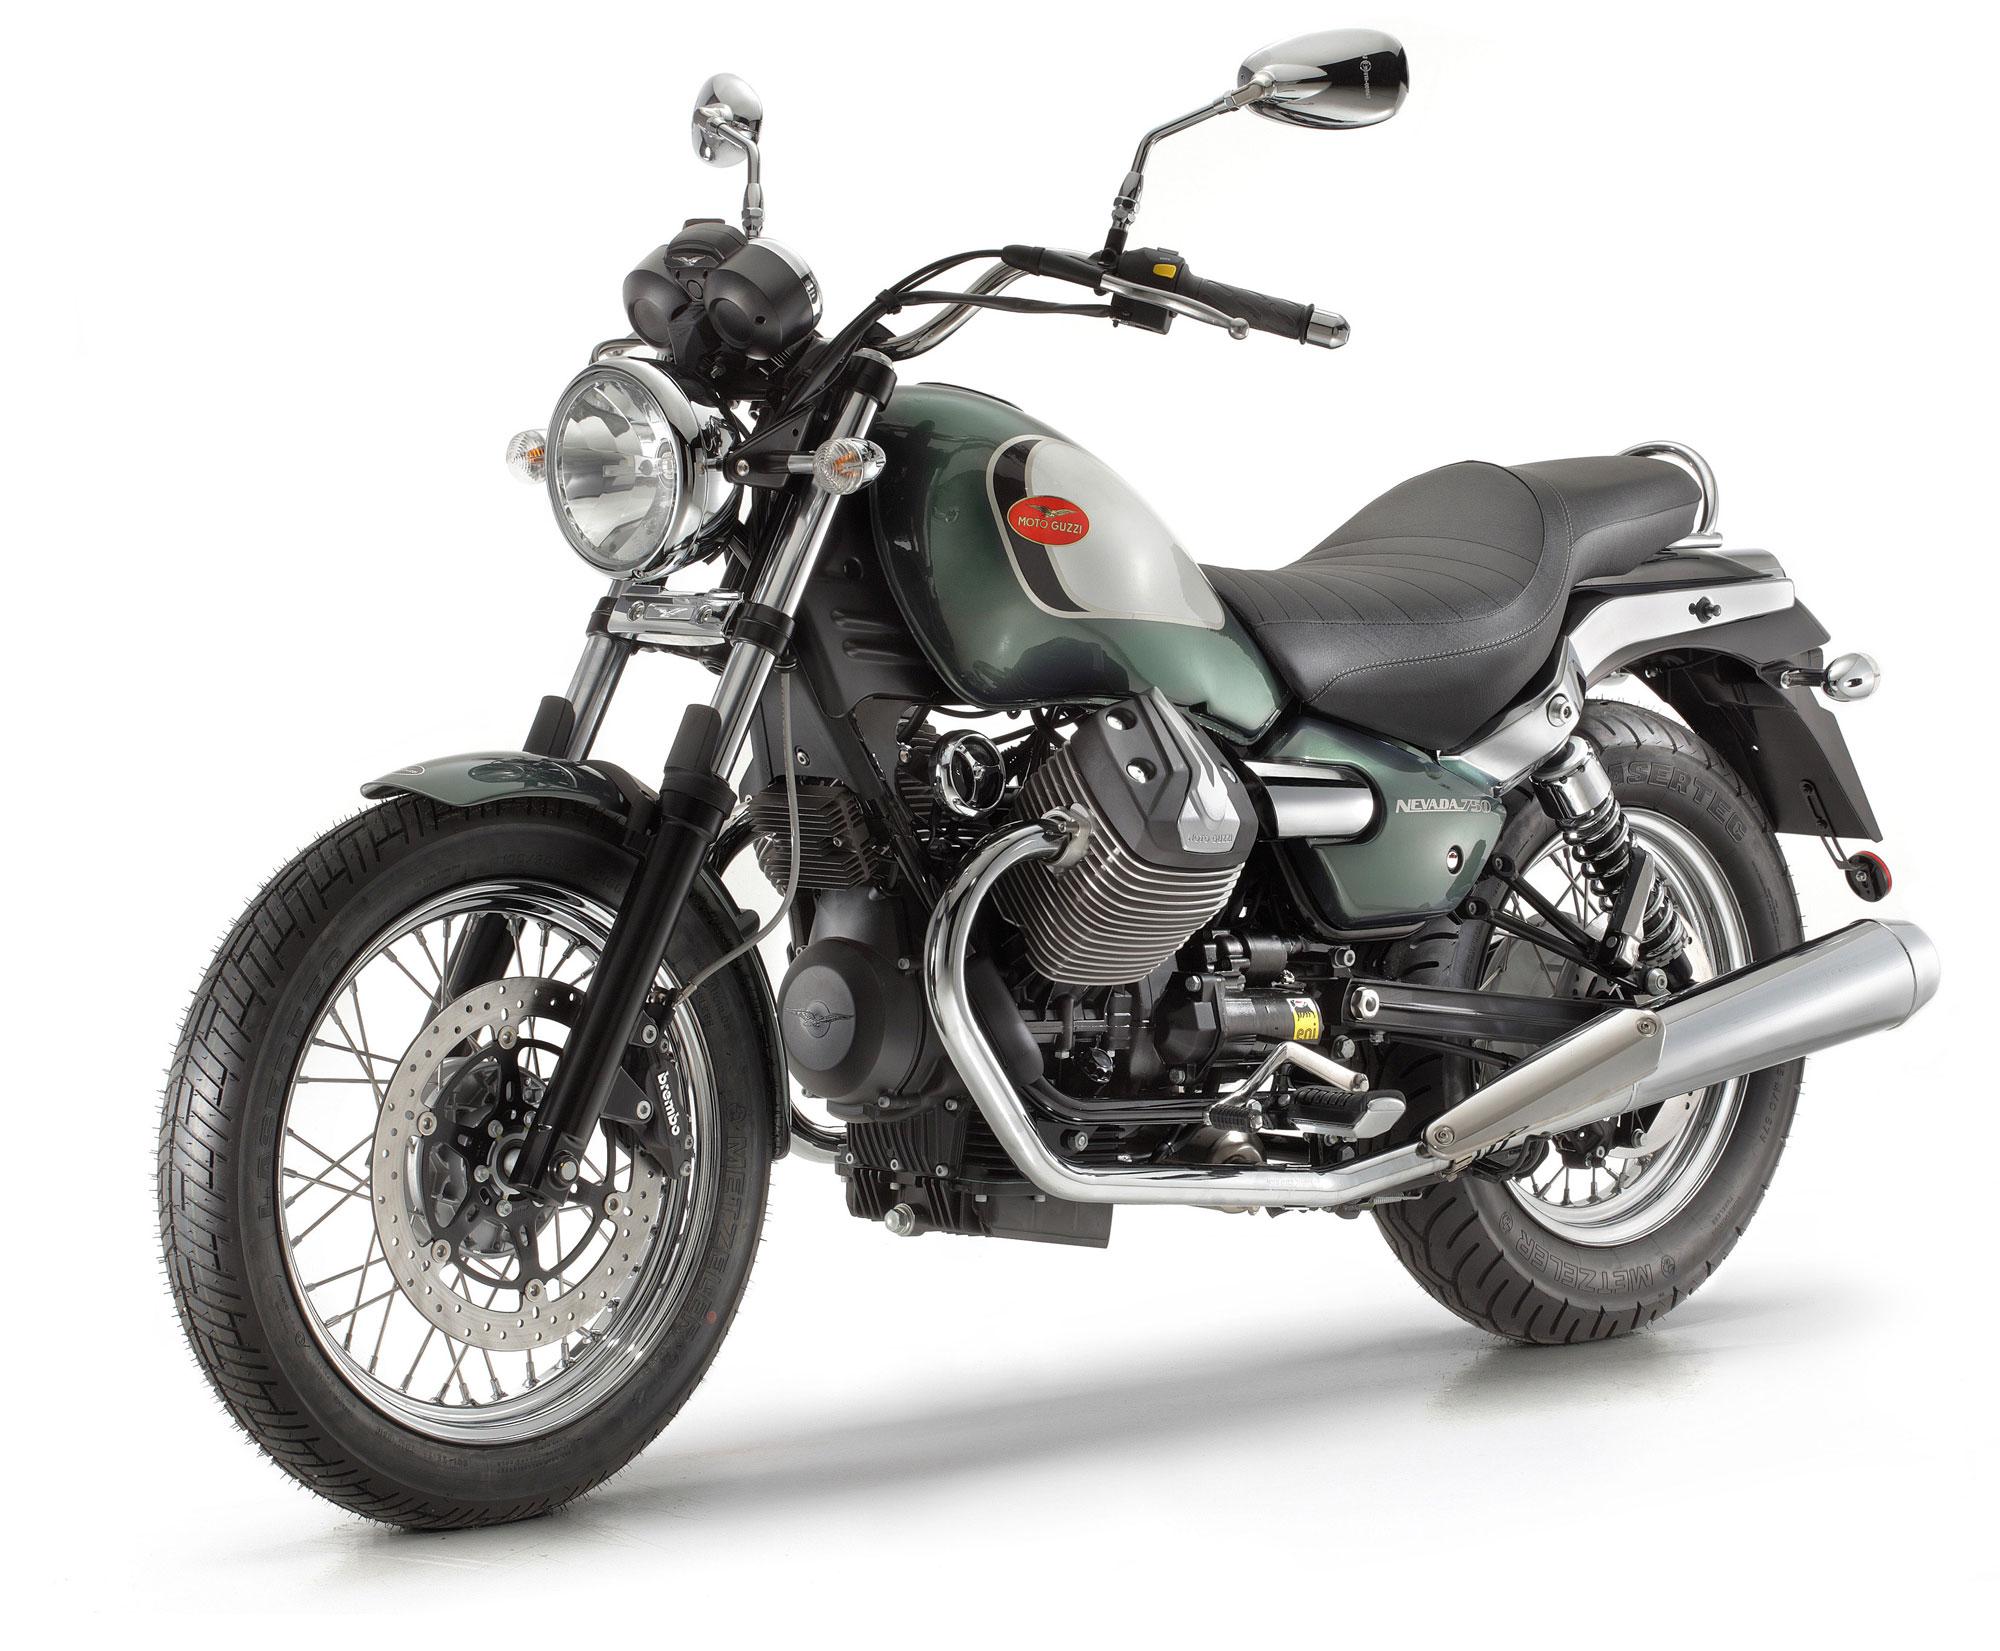 Moto Guzzi Nevada 750 Anniversario - 2011 - technické